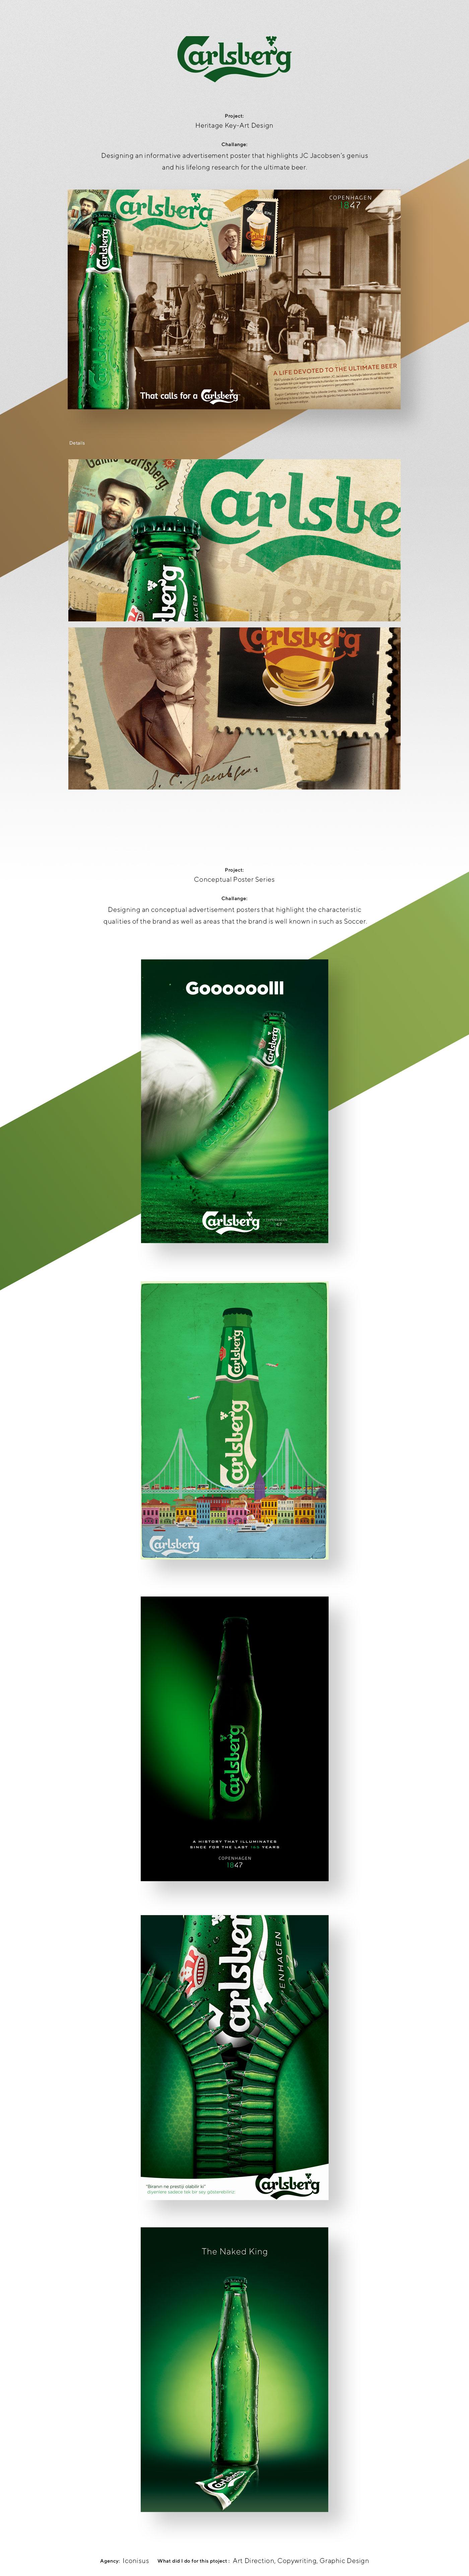 Carlsberg_behance.jpg